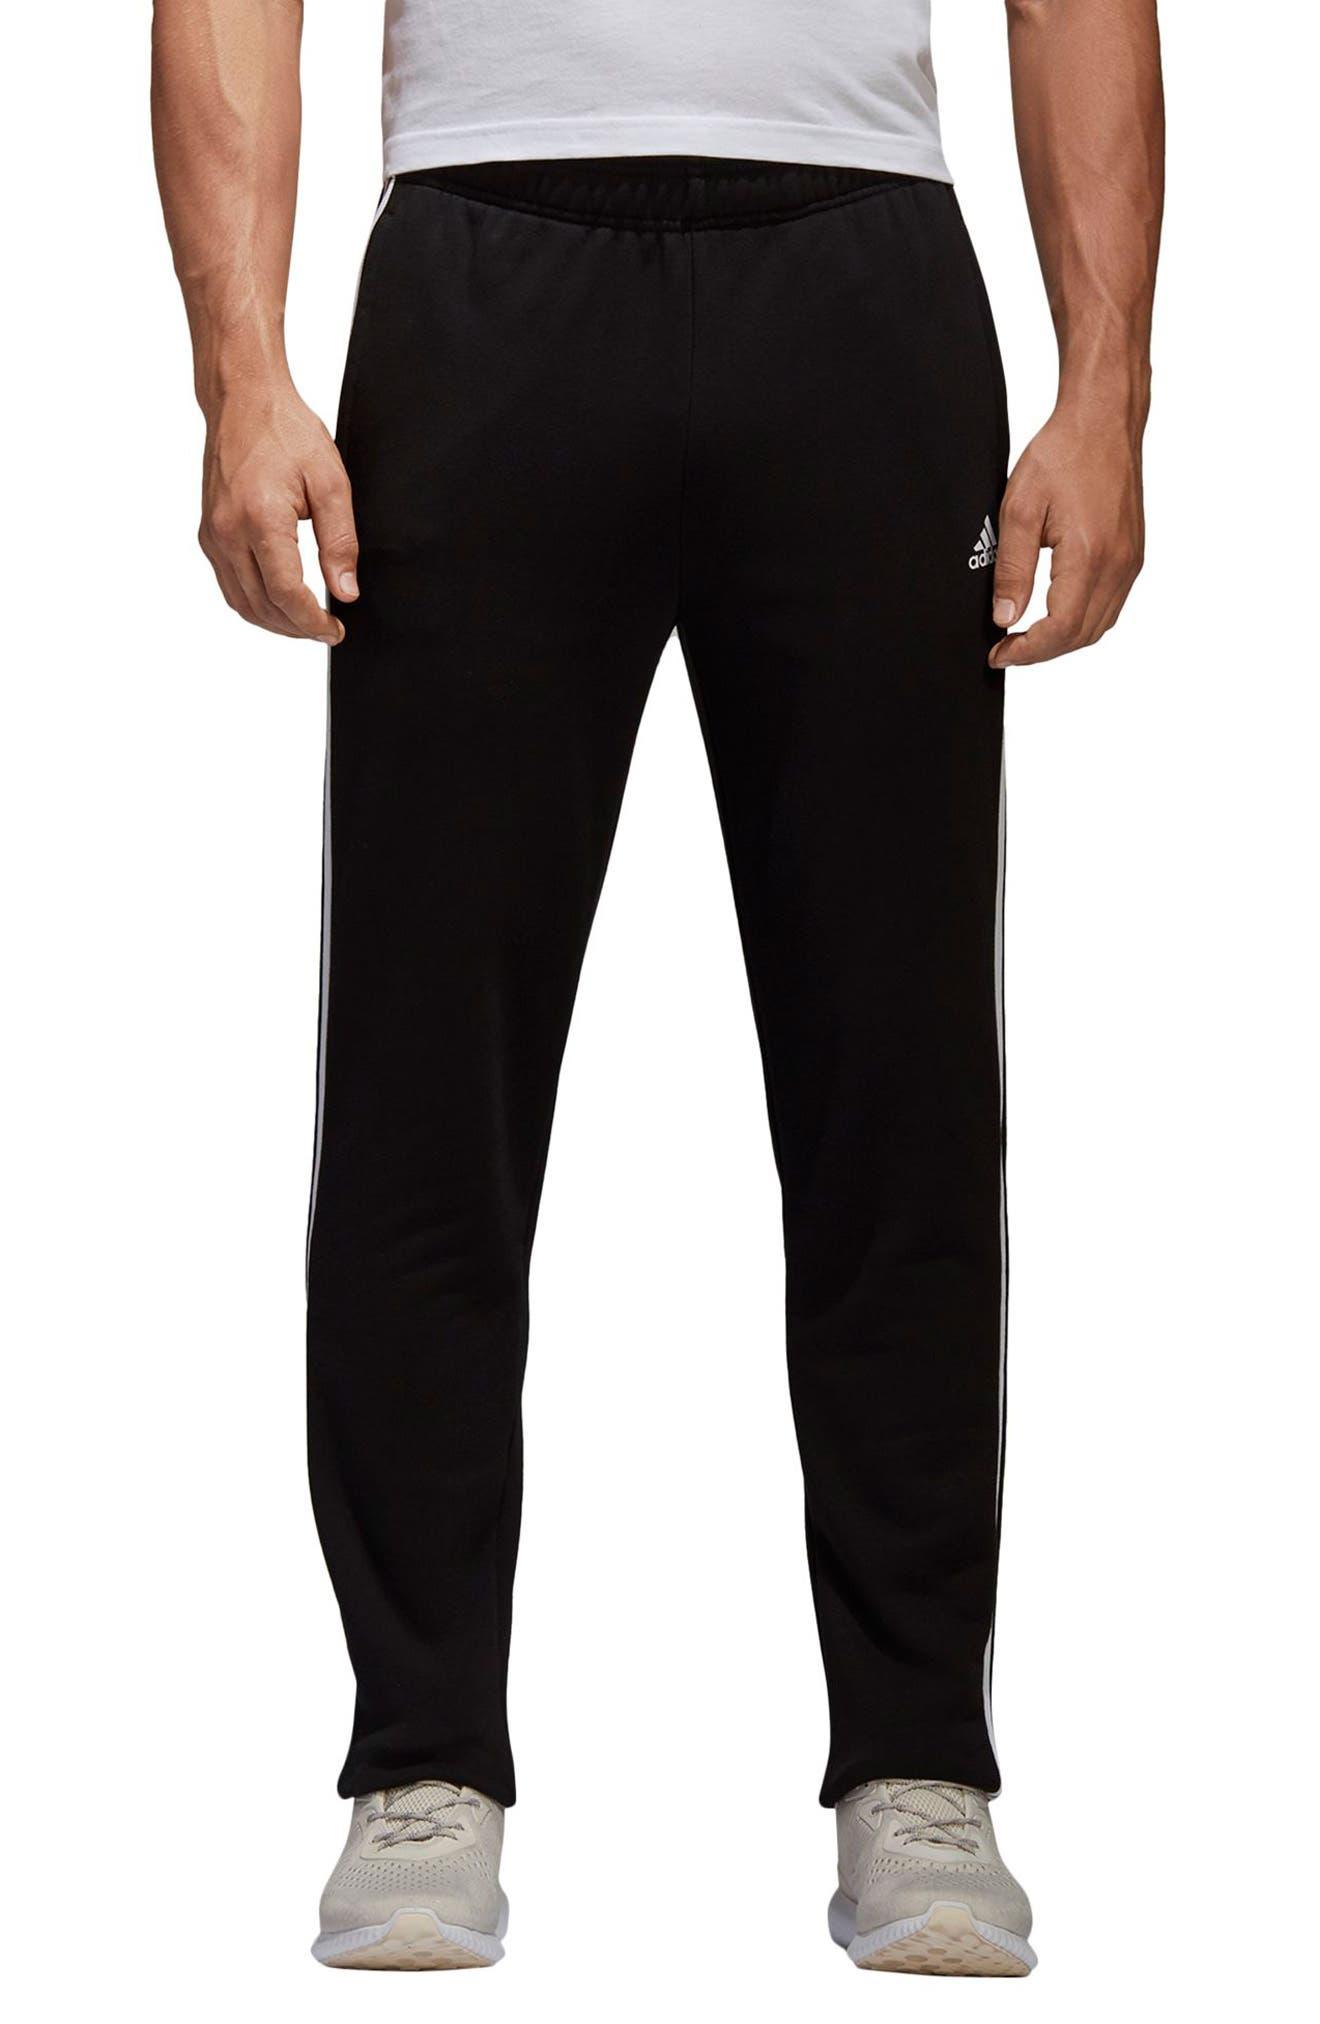 Men's Adidas Essentials 3-Stripes Regular Fit Sweatpants